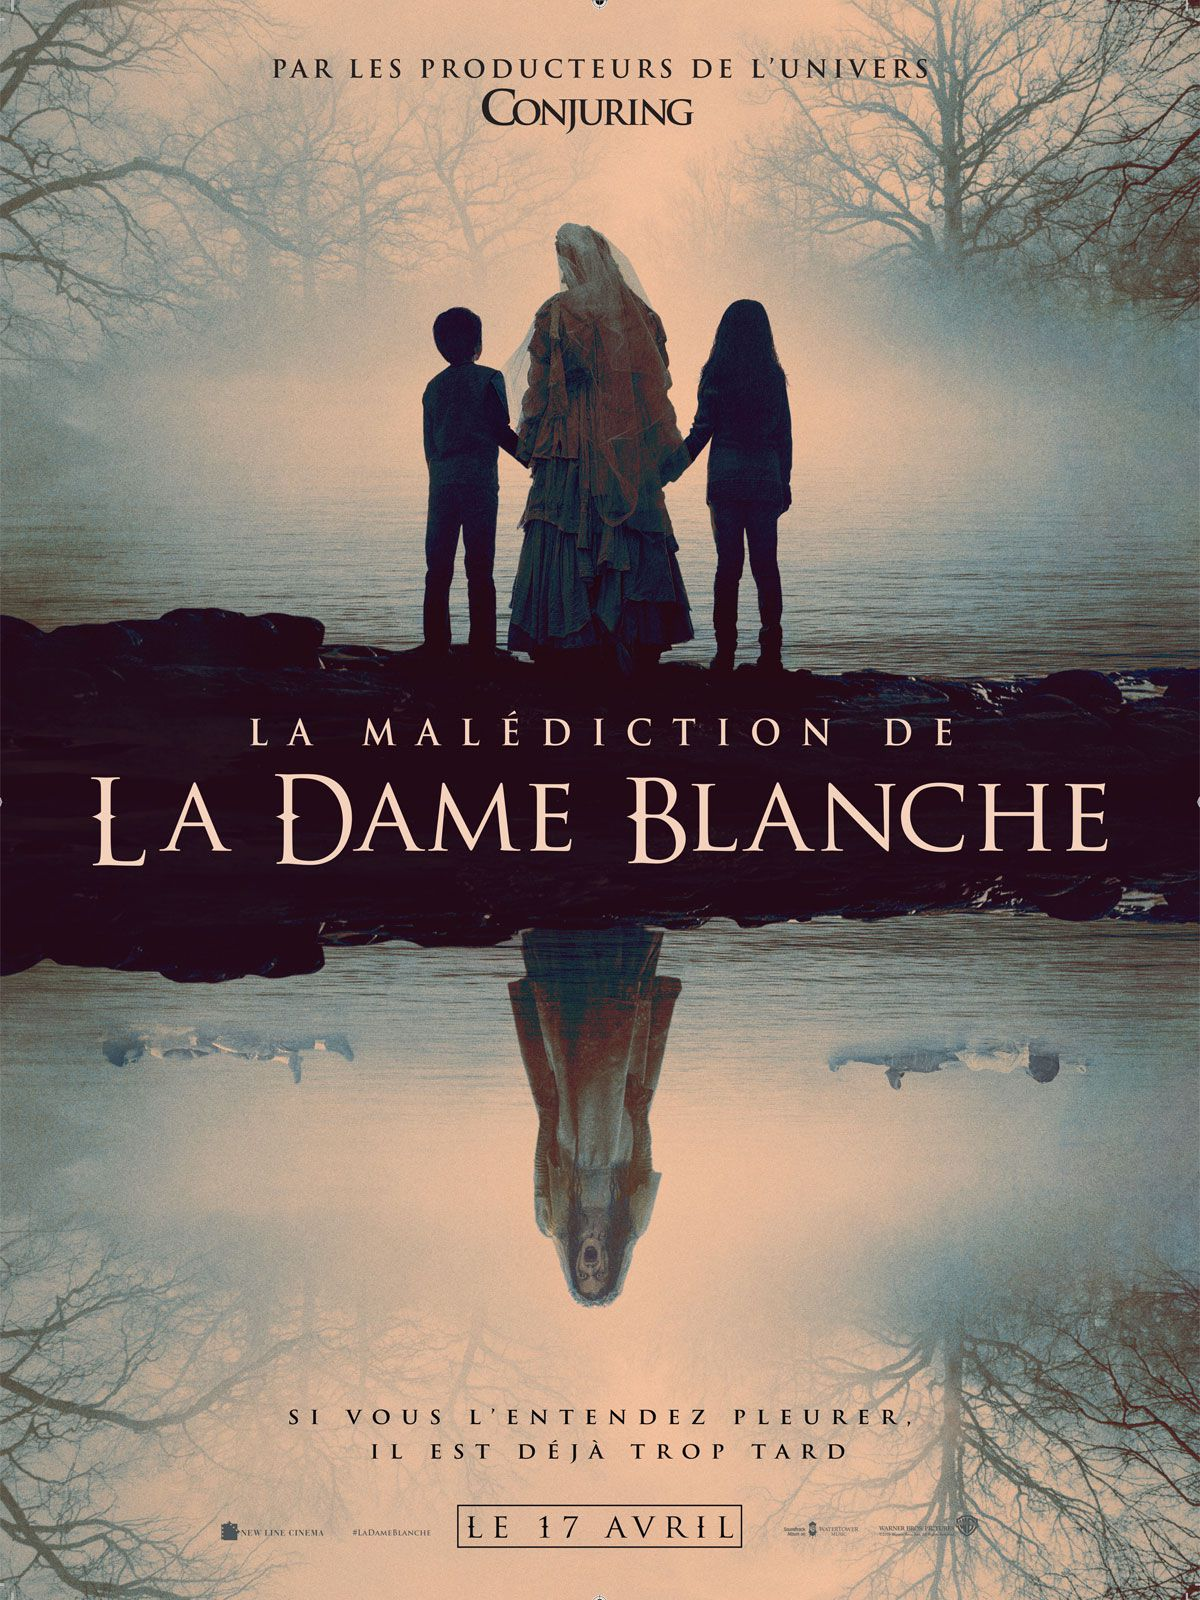 La Malédiction de la Dame blanche - Film (2019)